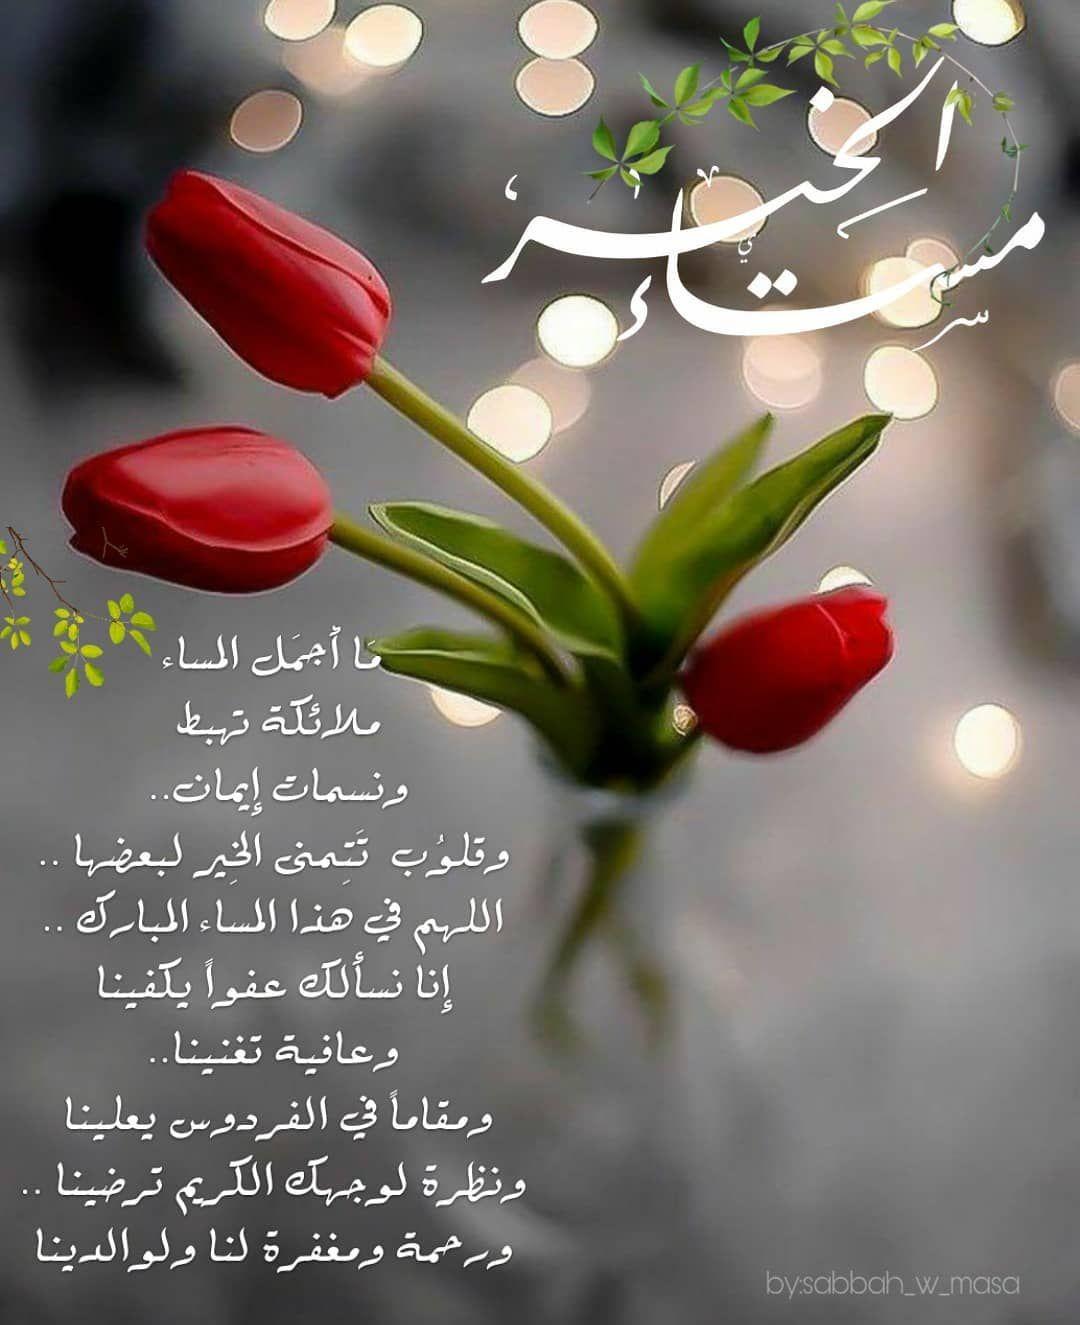 صبح و مساء On Instagram مساء الخيرات والمسرات مساء الورد تصميم تصاميم السعودية صبح Flower Wallpaper Good Evening Greetings